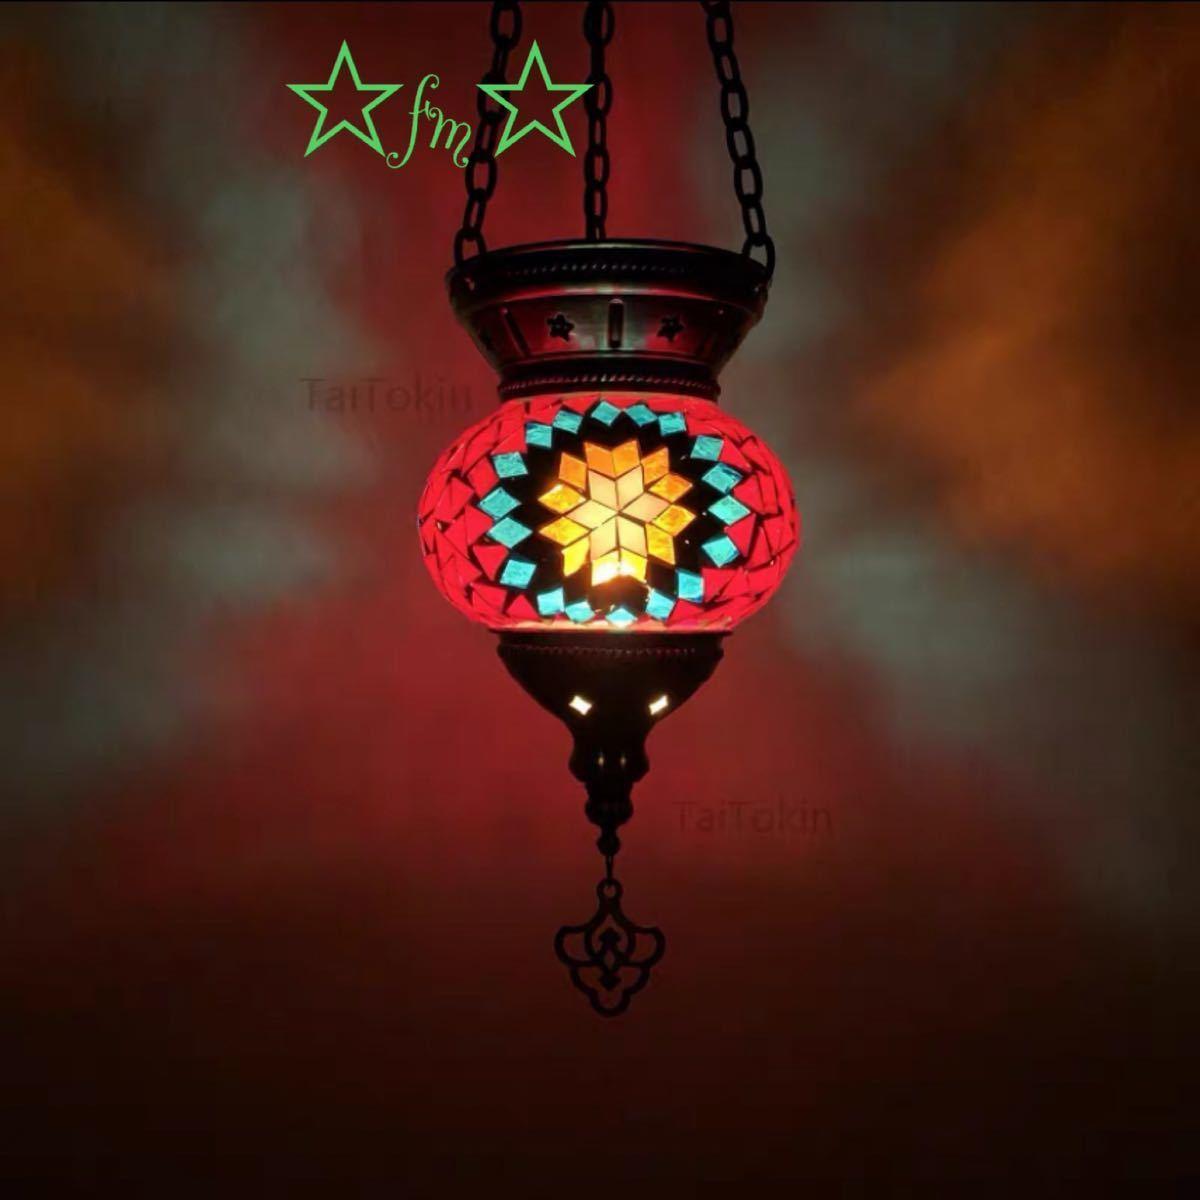 大切な ボヘミア調 トルコ モロッコ風ペンダントライト .手作りモザイクステンドグラス アンティーク調 シャンデリア 天井照明, 総合卸ヨシムラ 663667df